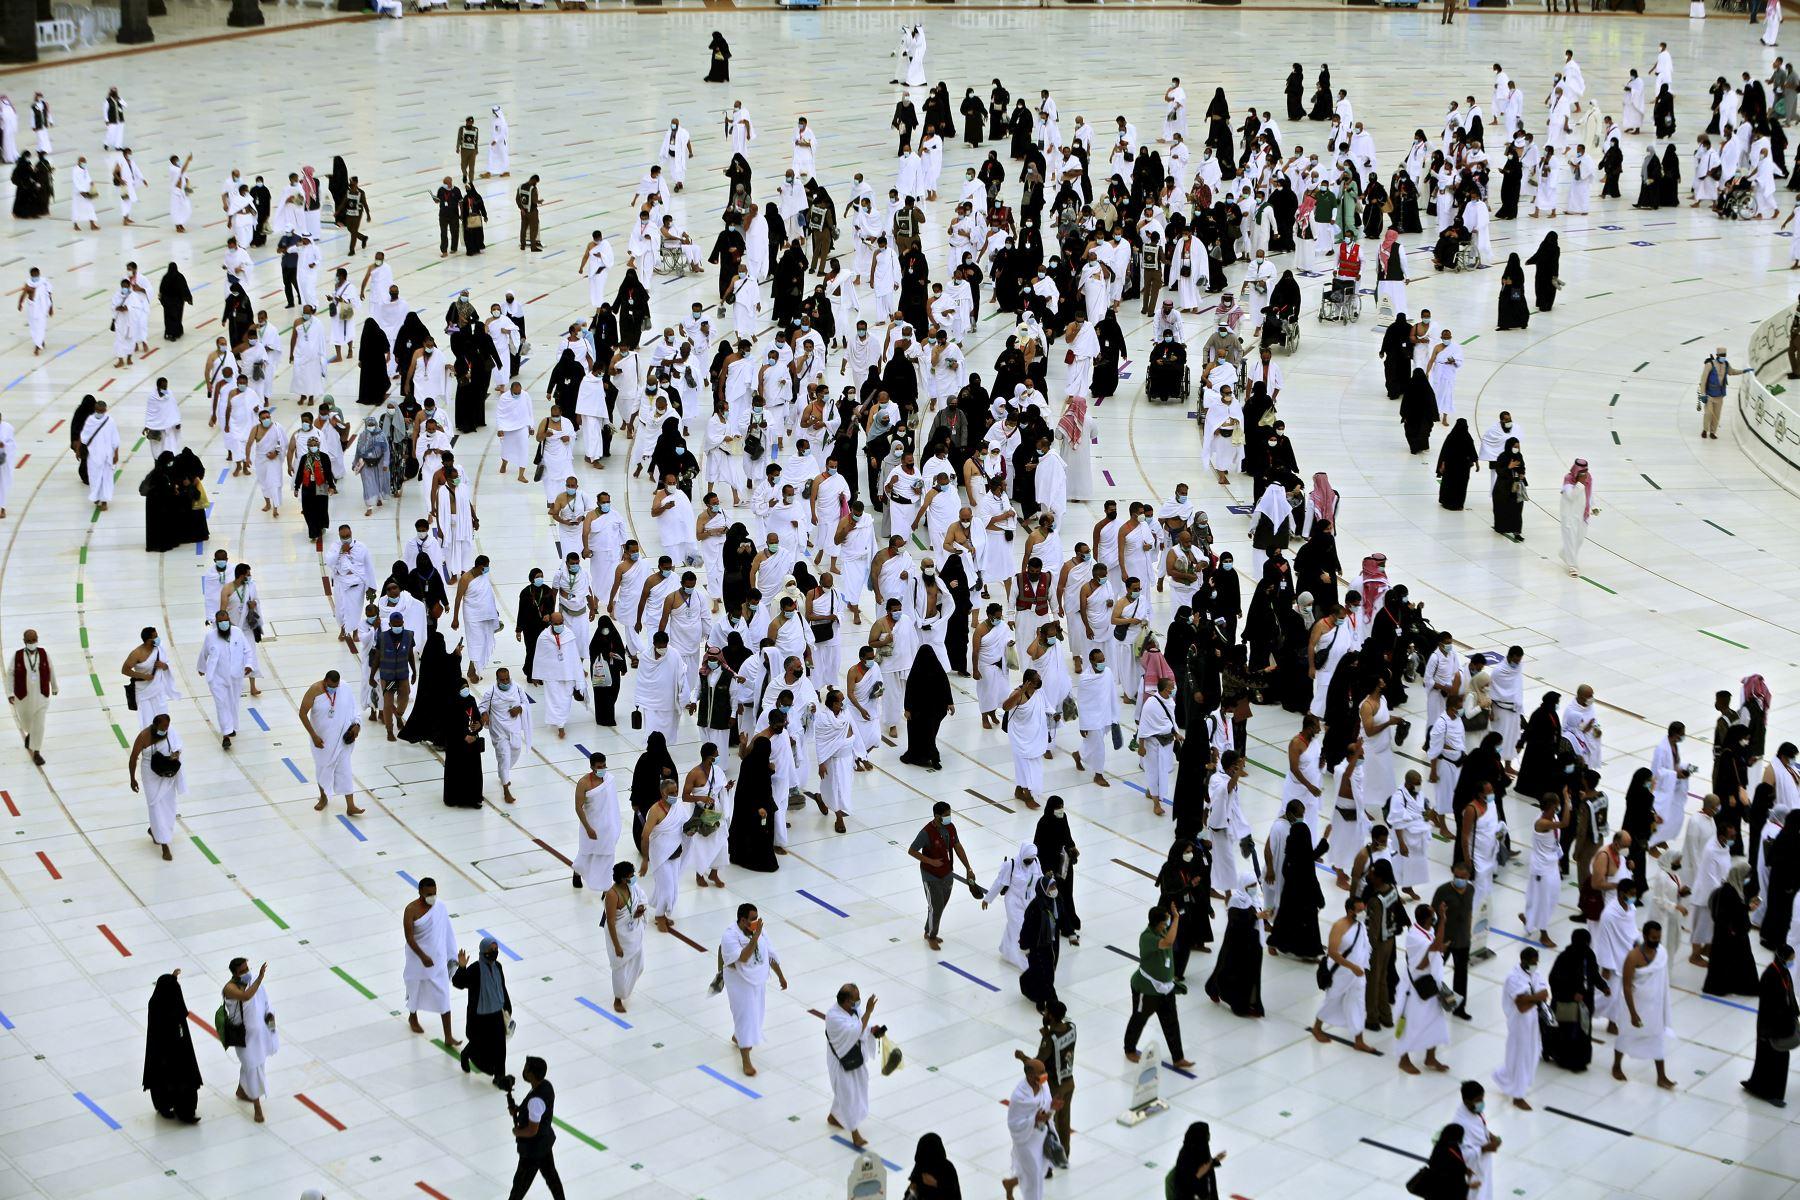 Los fieles circunvalan la Kaaba, el santuario más sagrado del Islam, en la Gran mezquita de la ciudad saudita de La Meca, el primer día de la fiesta de al-Adha celebrada por los musulmanes de todo el mundo. Foto: AFP